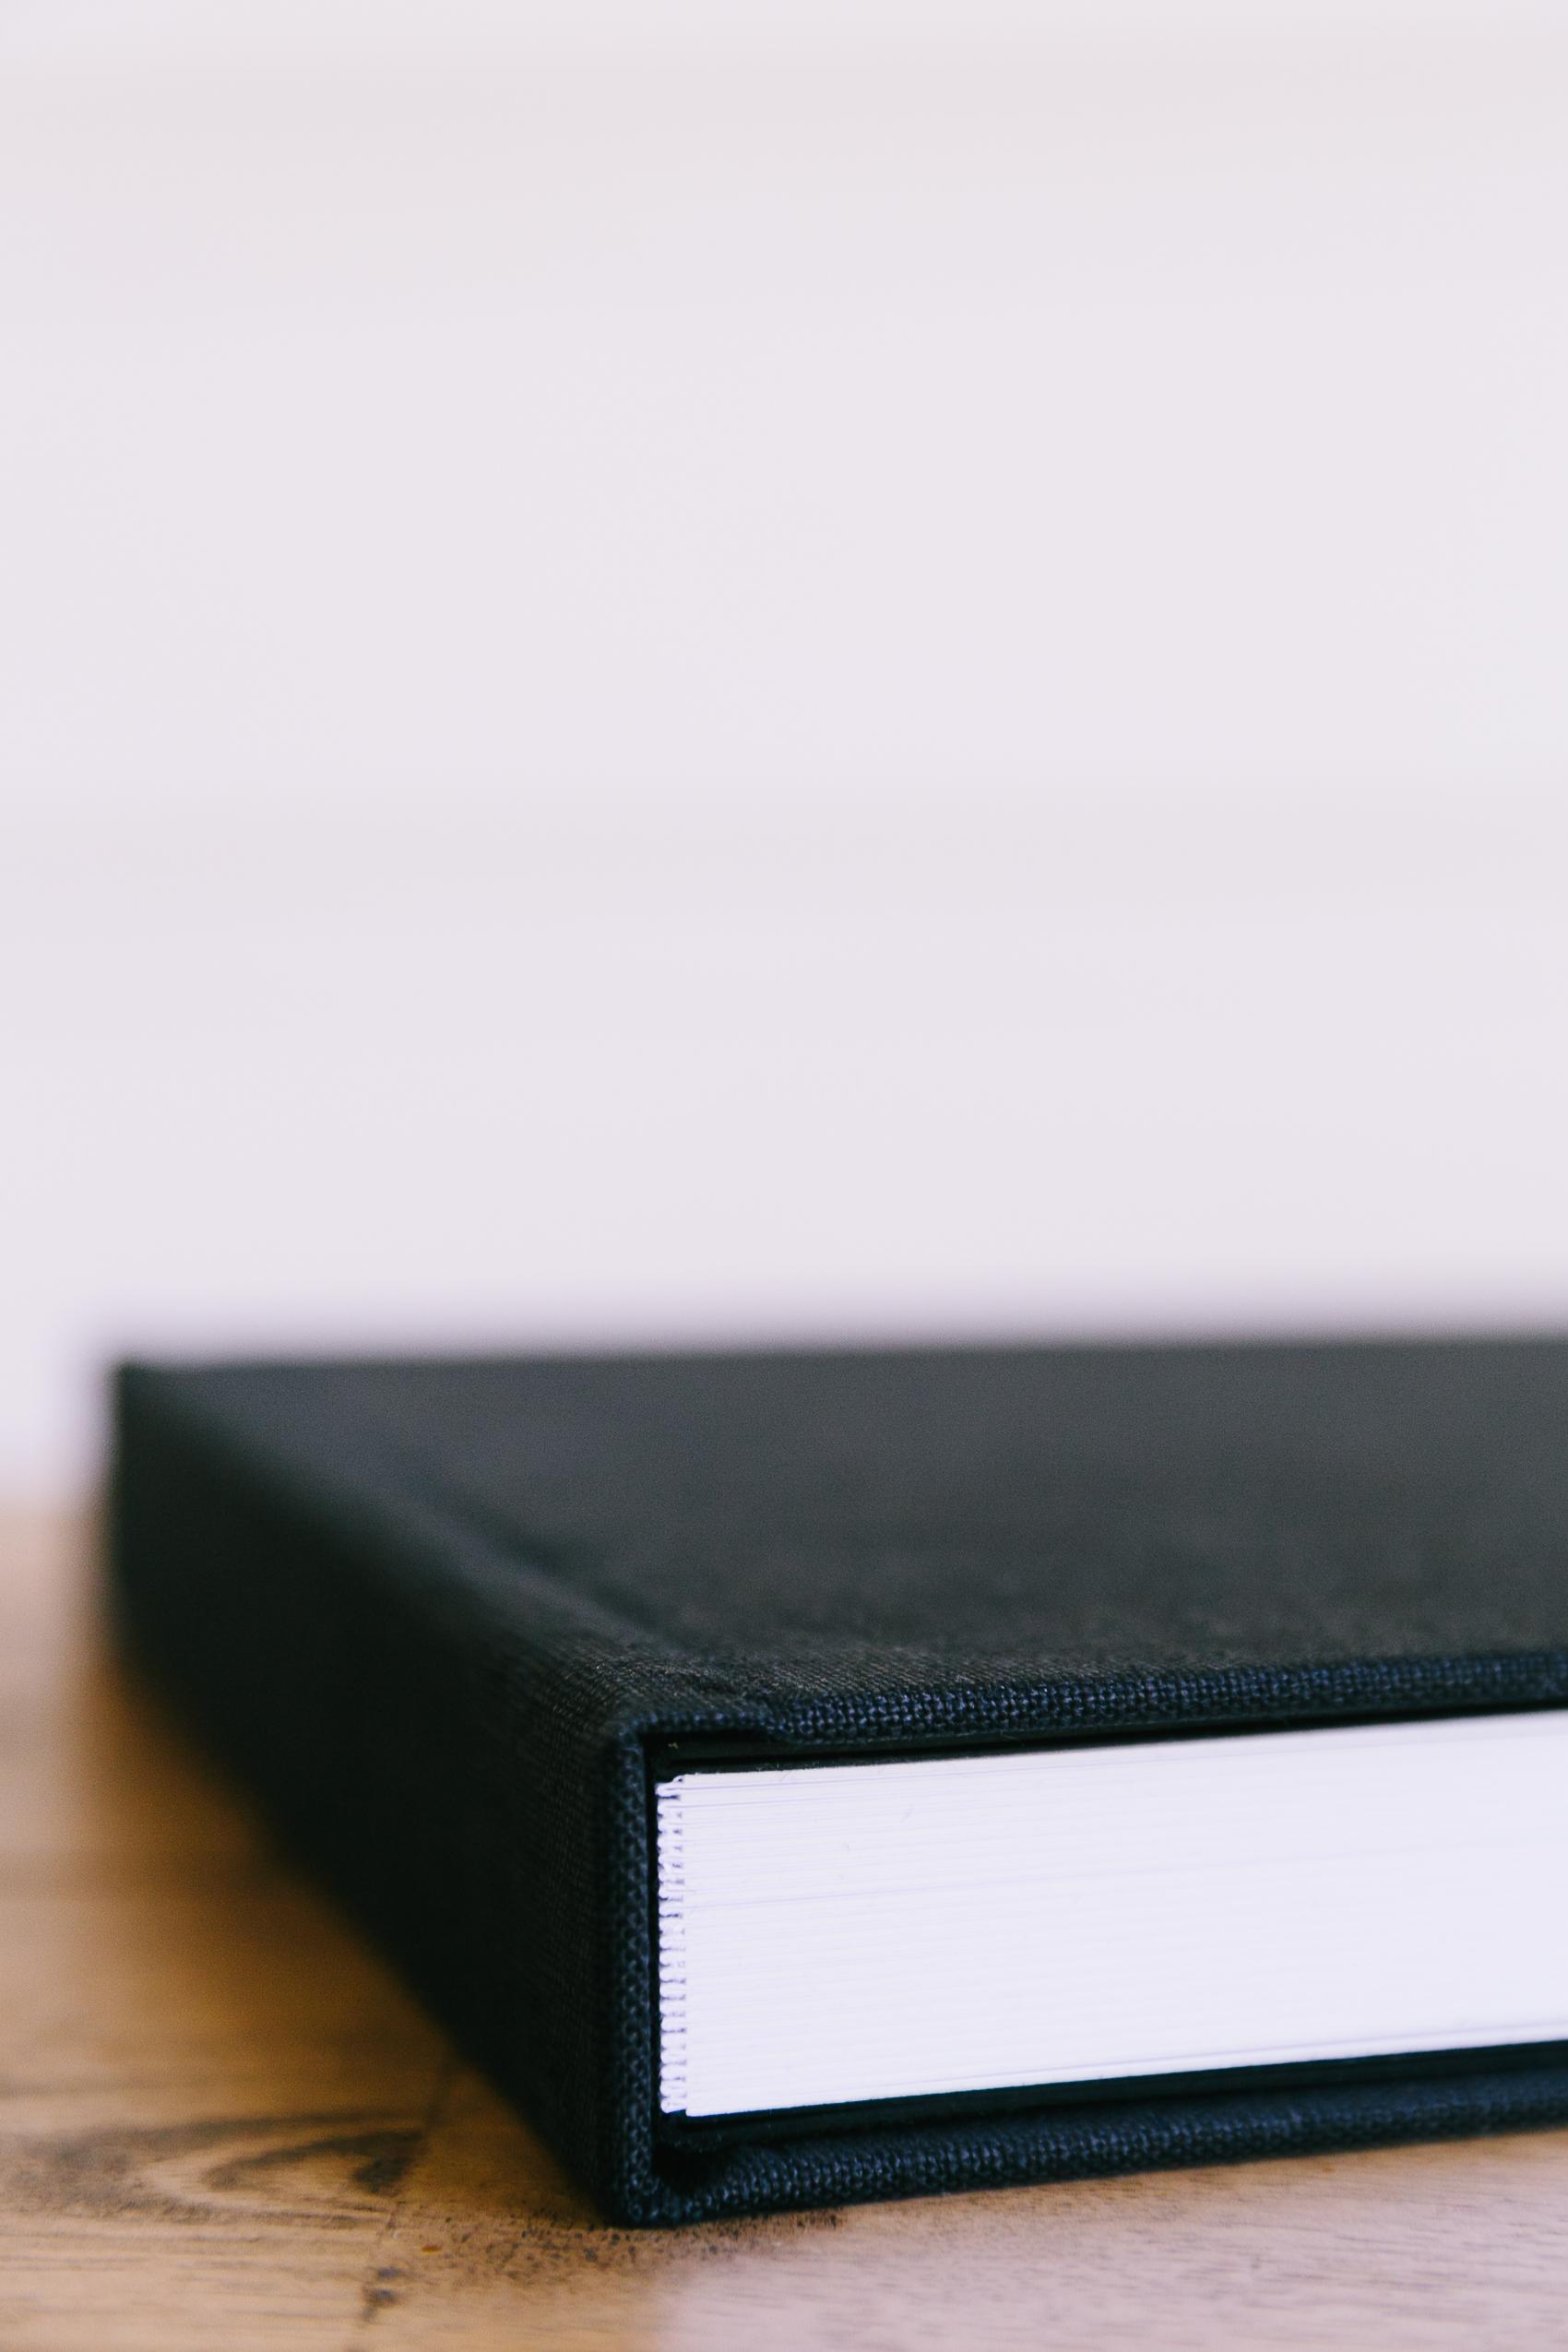 Books2019-0113.jpg